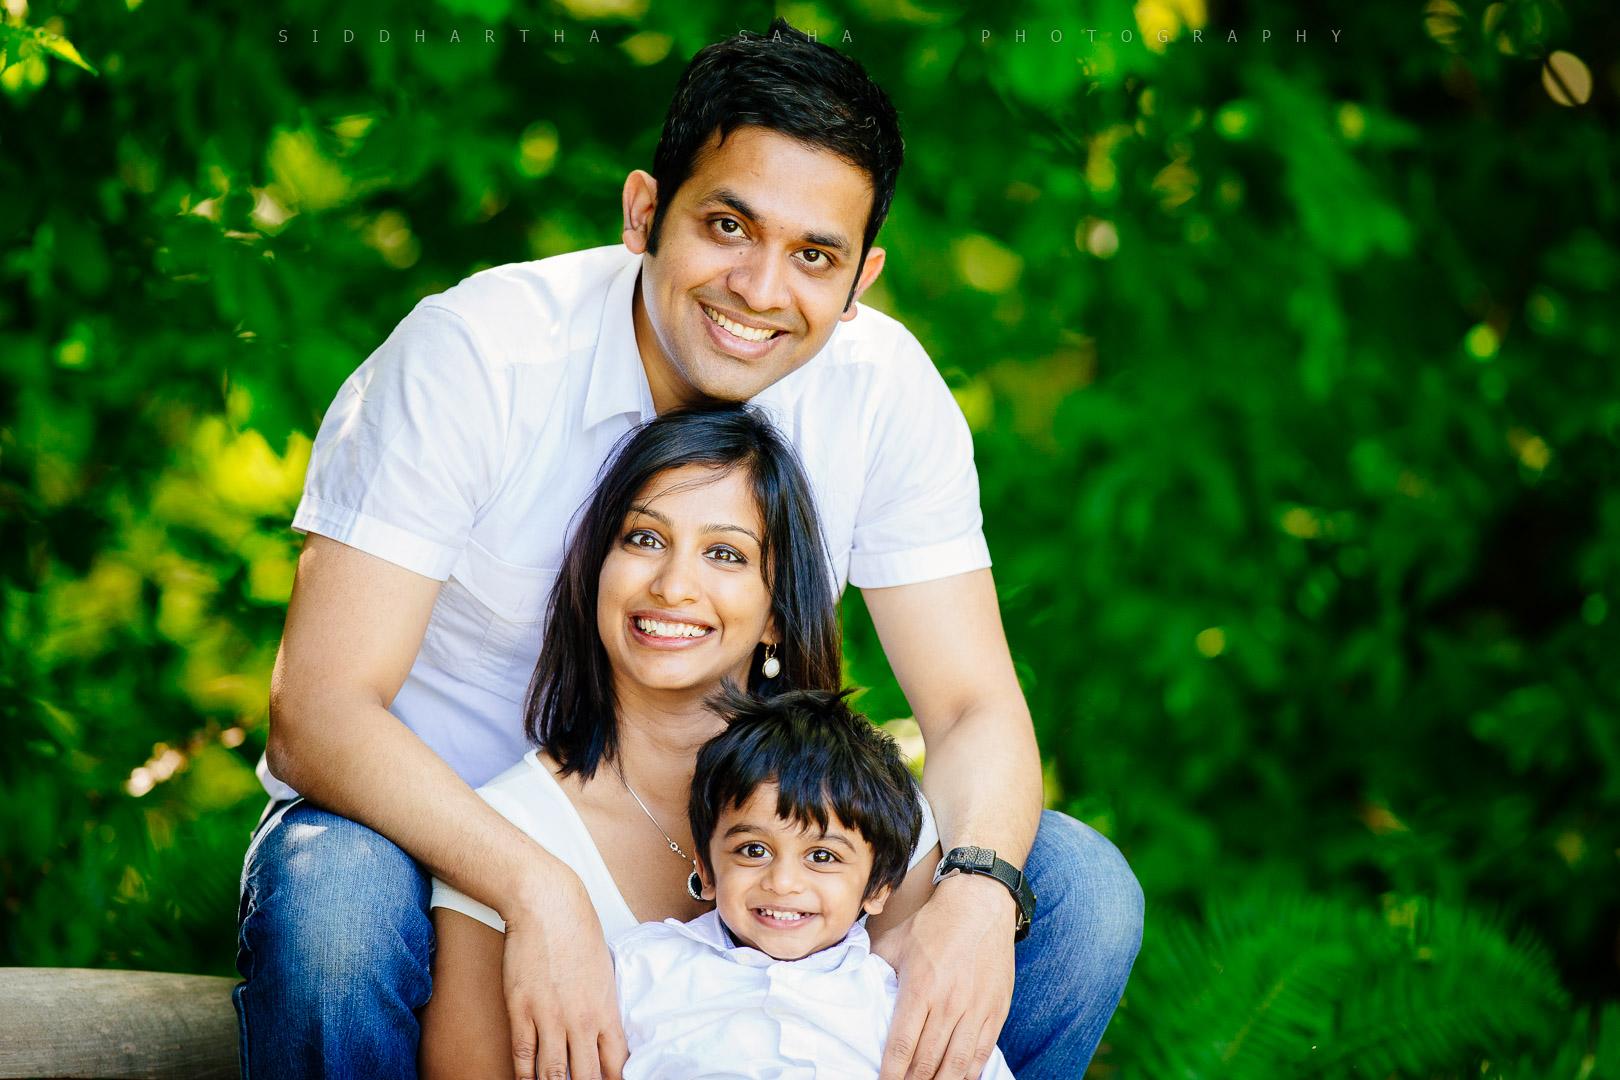 2015-06-14 - Ranjani Naveen Vihaan Photoshoot - _05Y6719